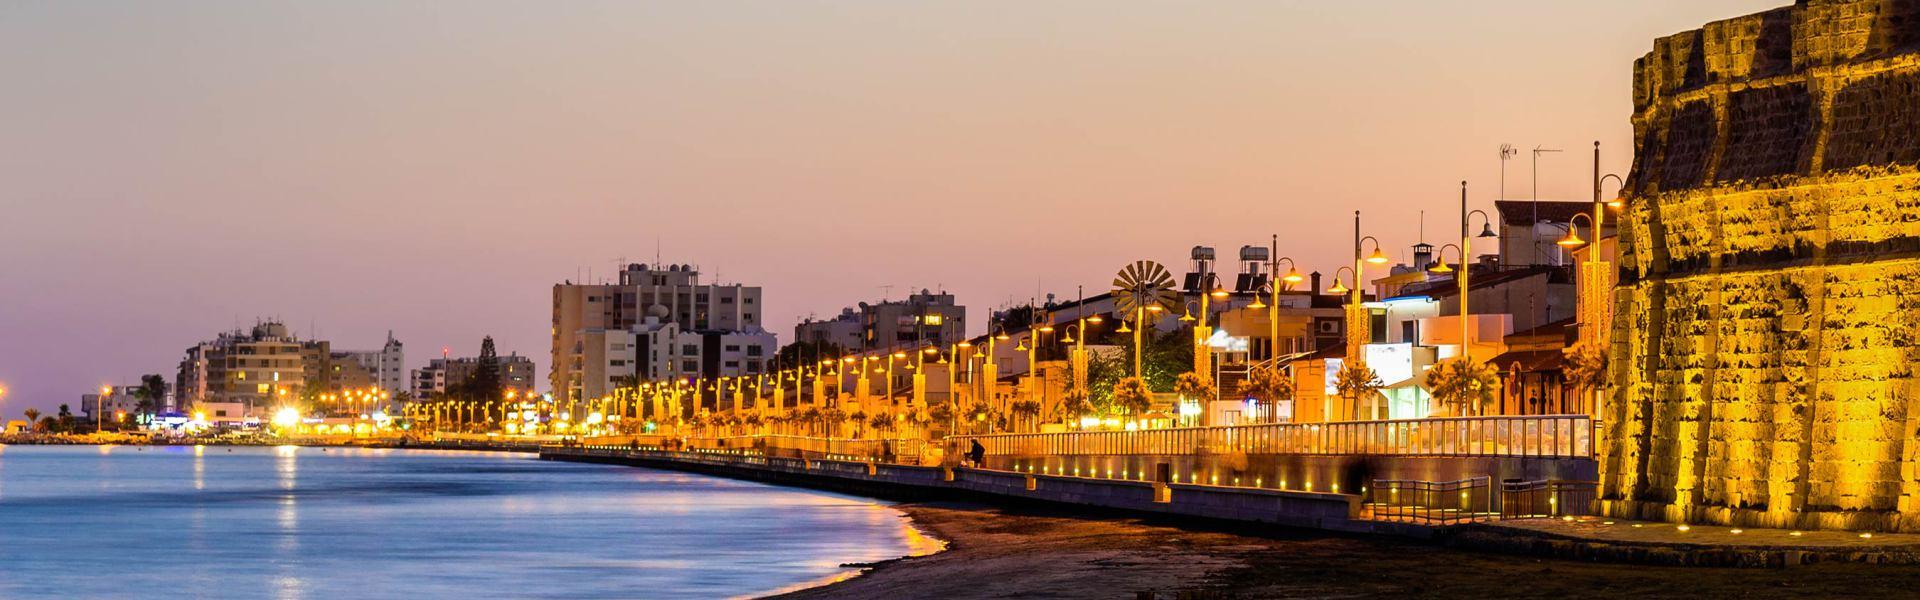 Flug Zypern Flüge & Billigflüge nach Zypern günstig online buchen